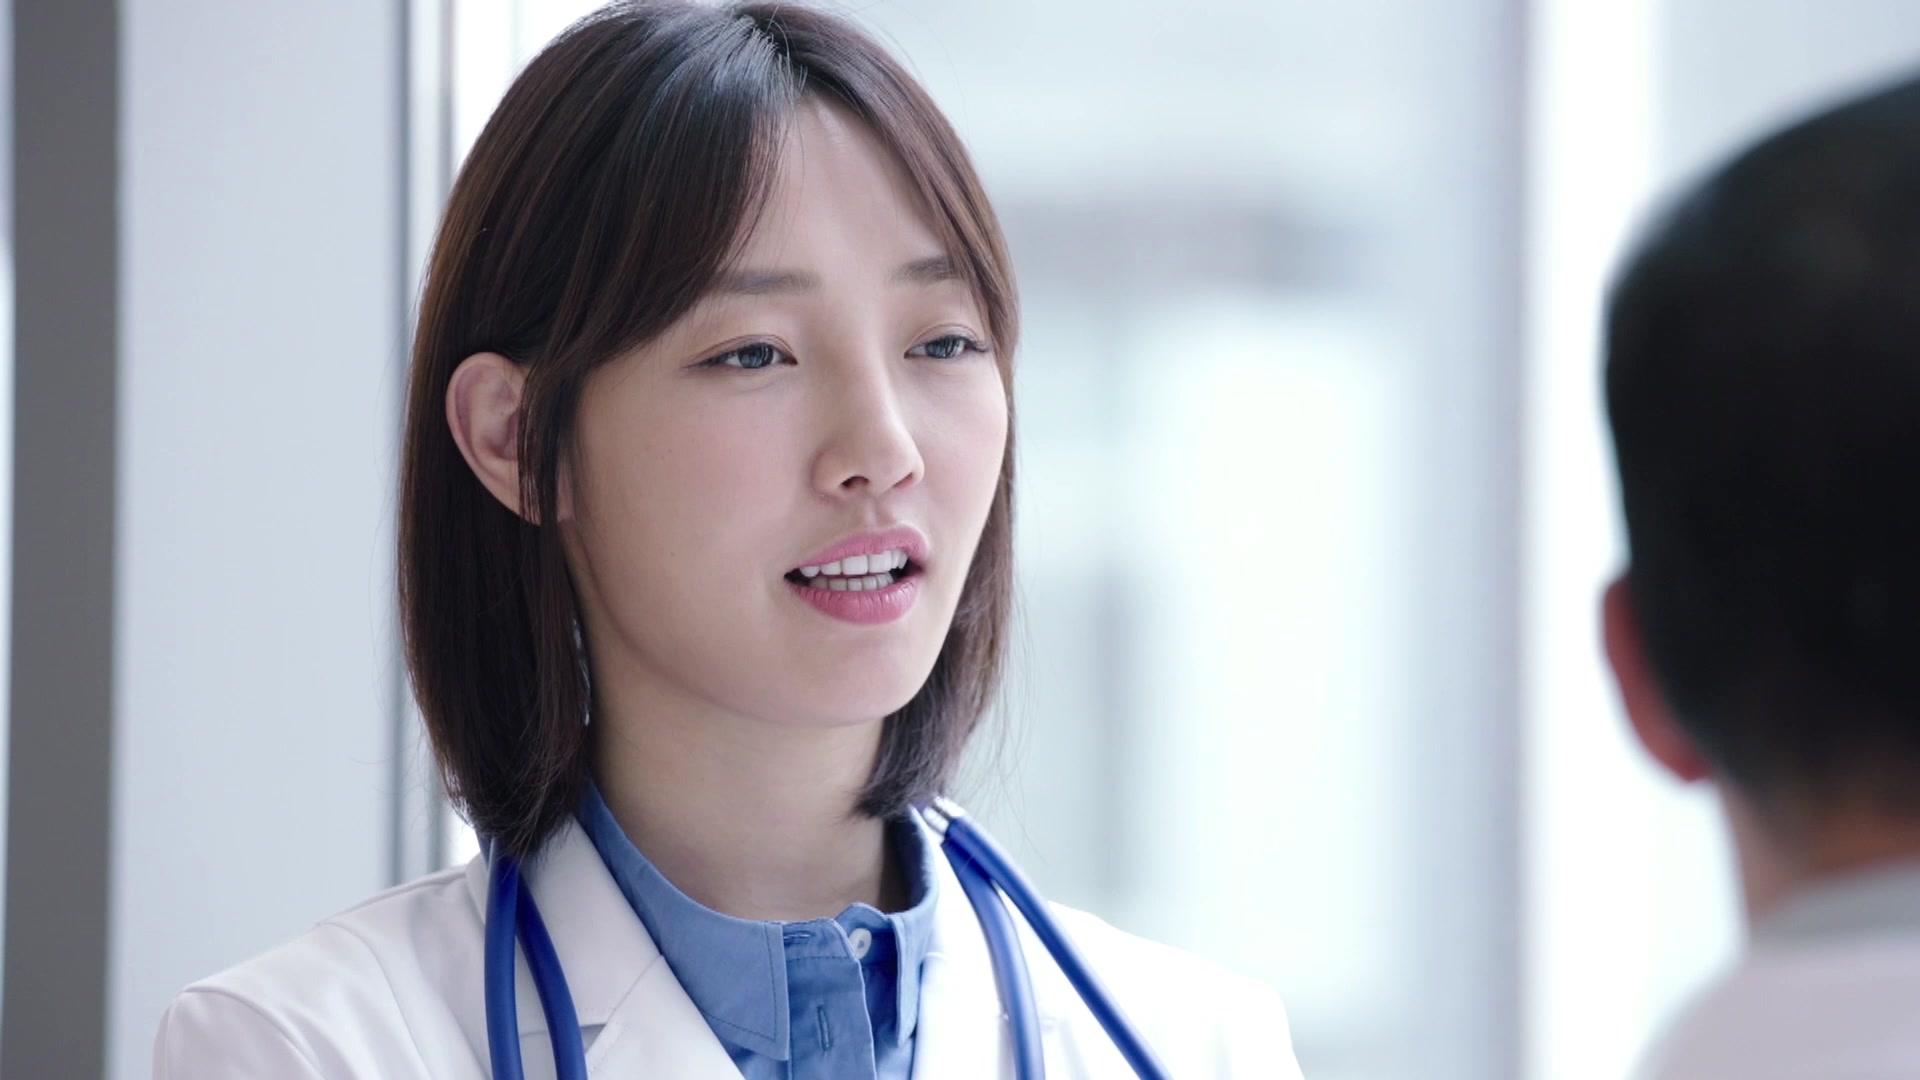 Surgeons Episode 1